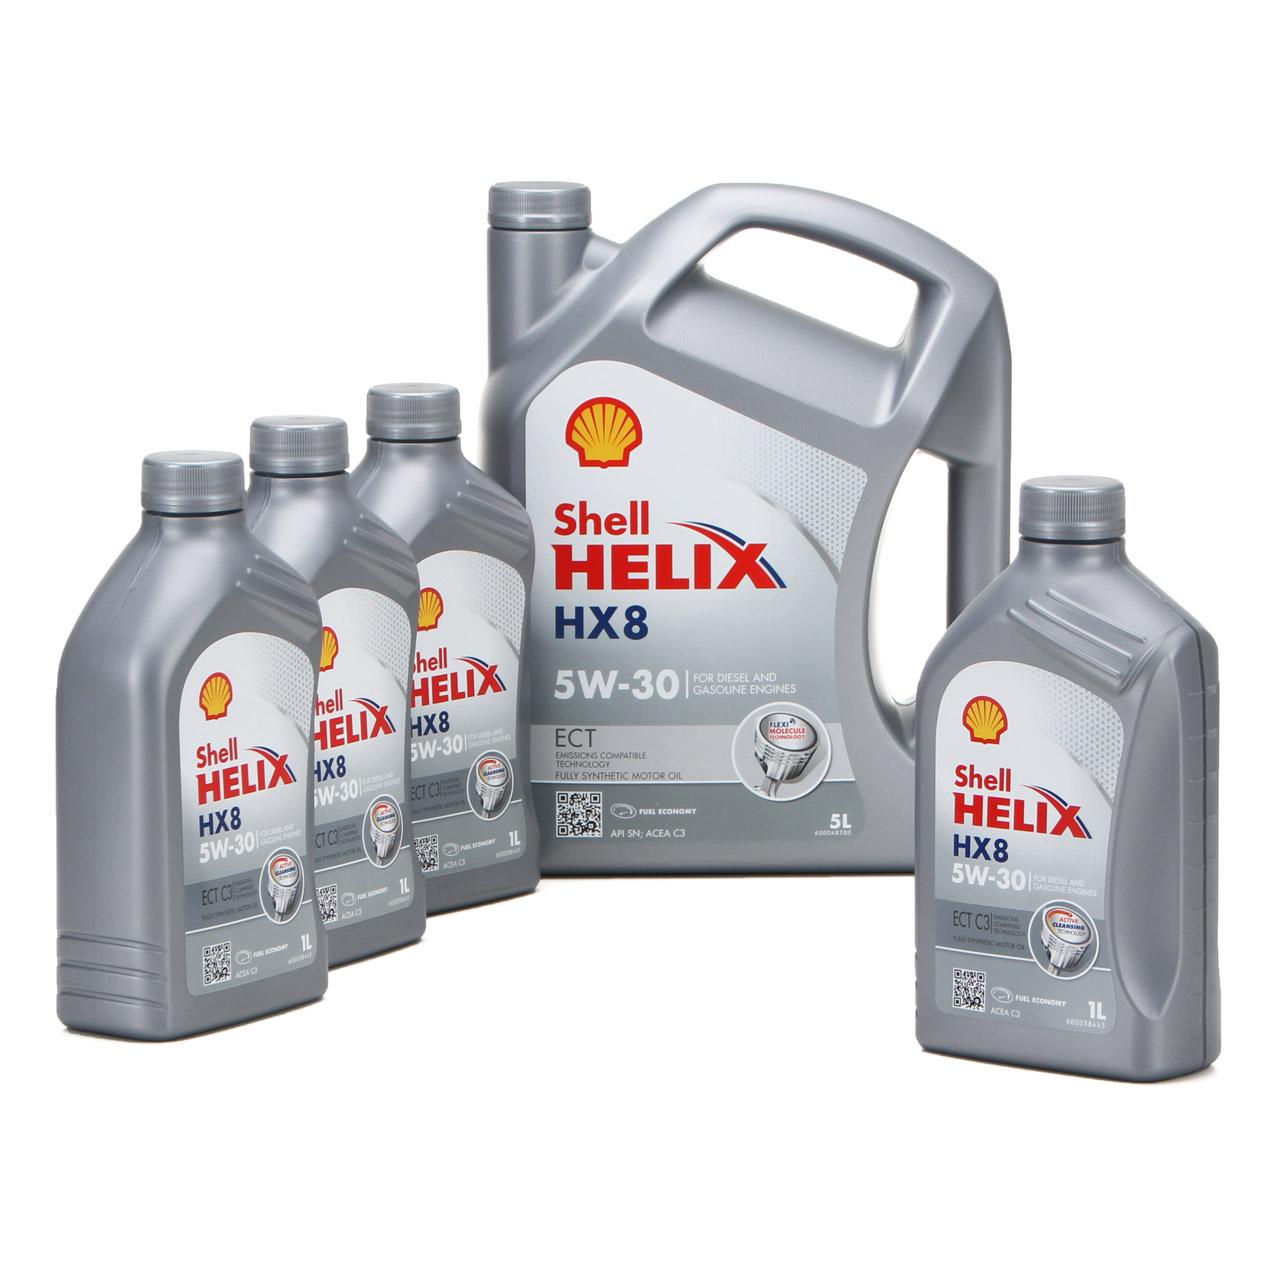 SHELL Motoröl ÖL HELIX HX8 ECT C3 5W-30 5W30 für MB 229.31 229.51 - 9L 9 Liter